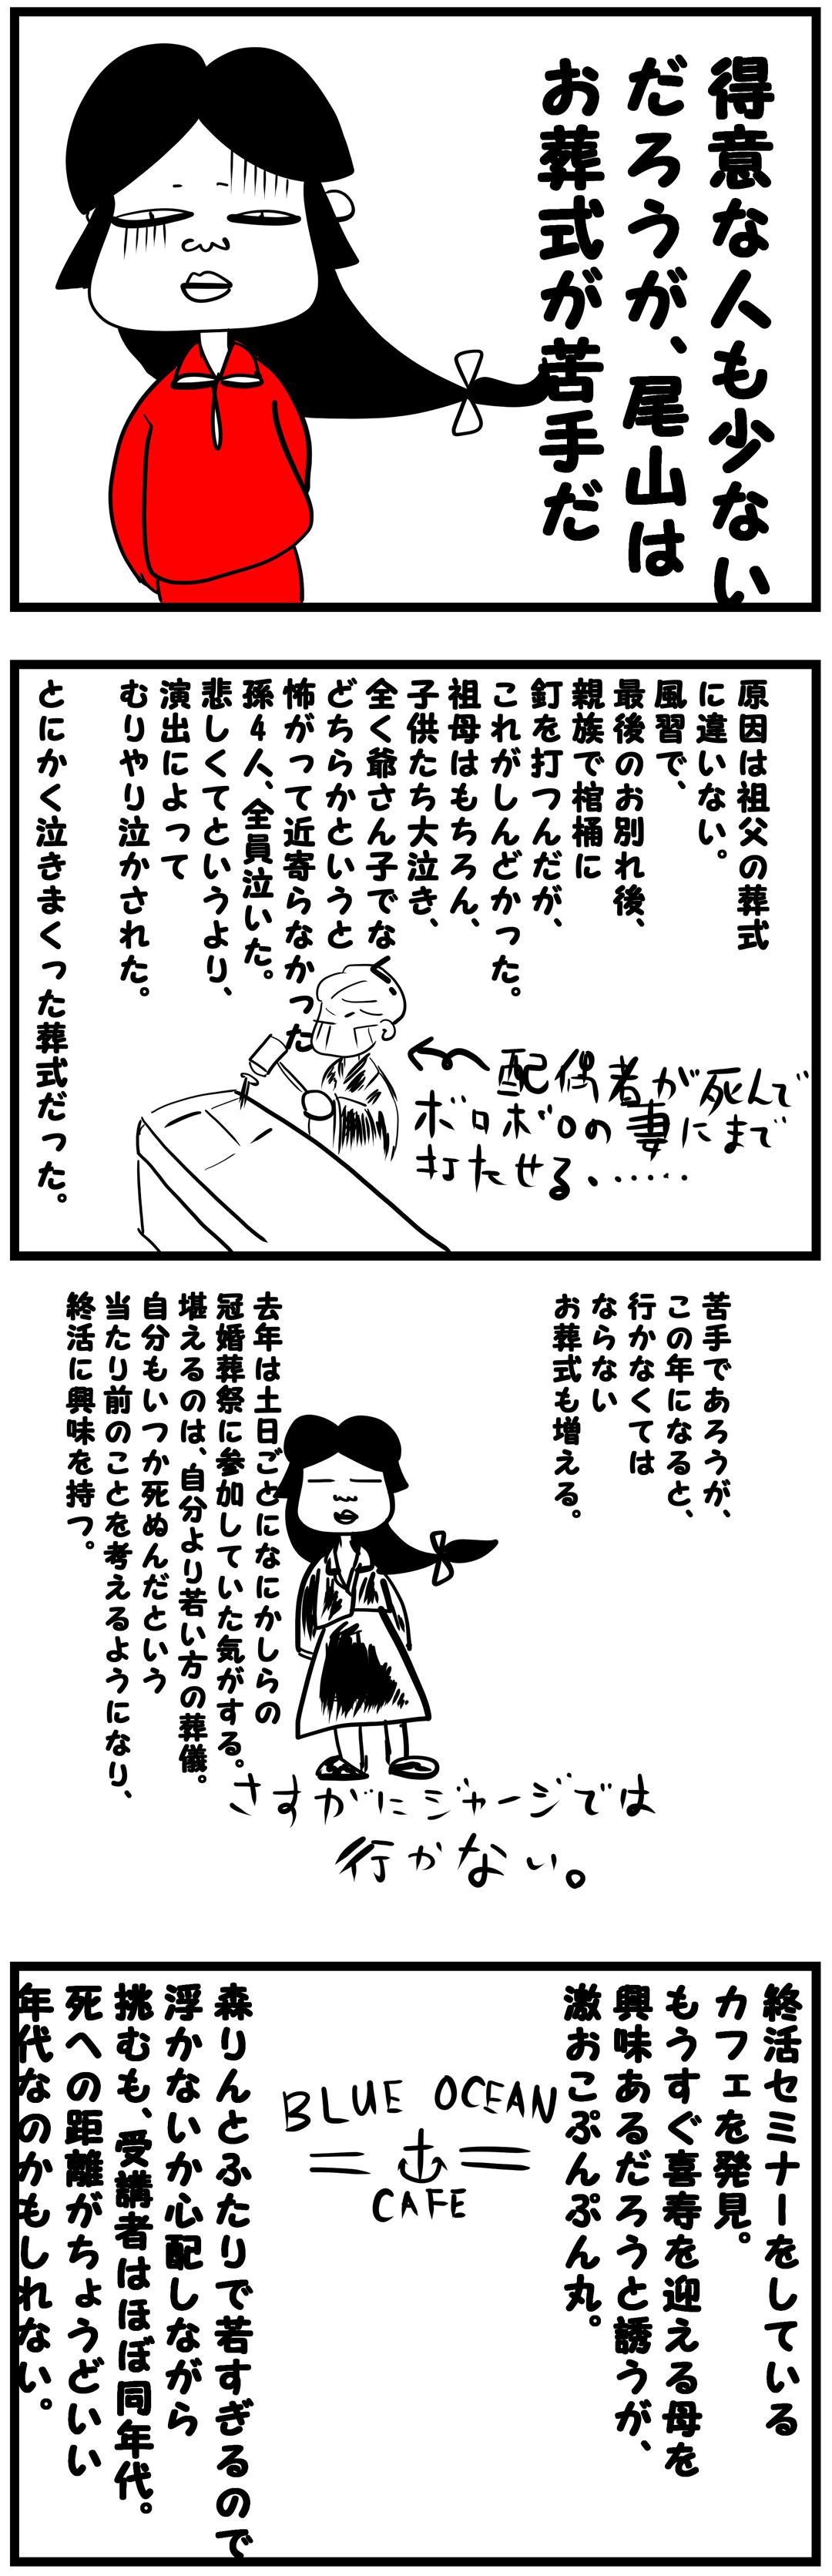 入棺体験 漫画1